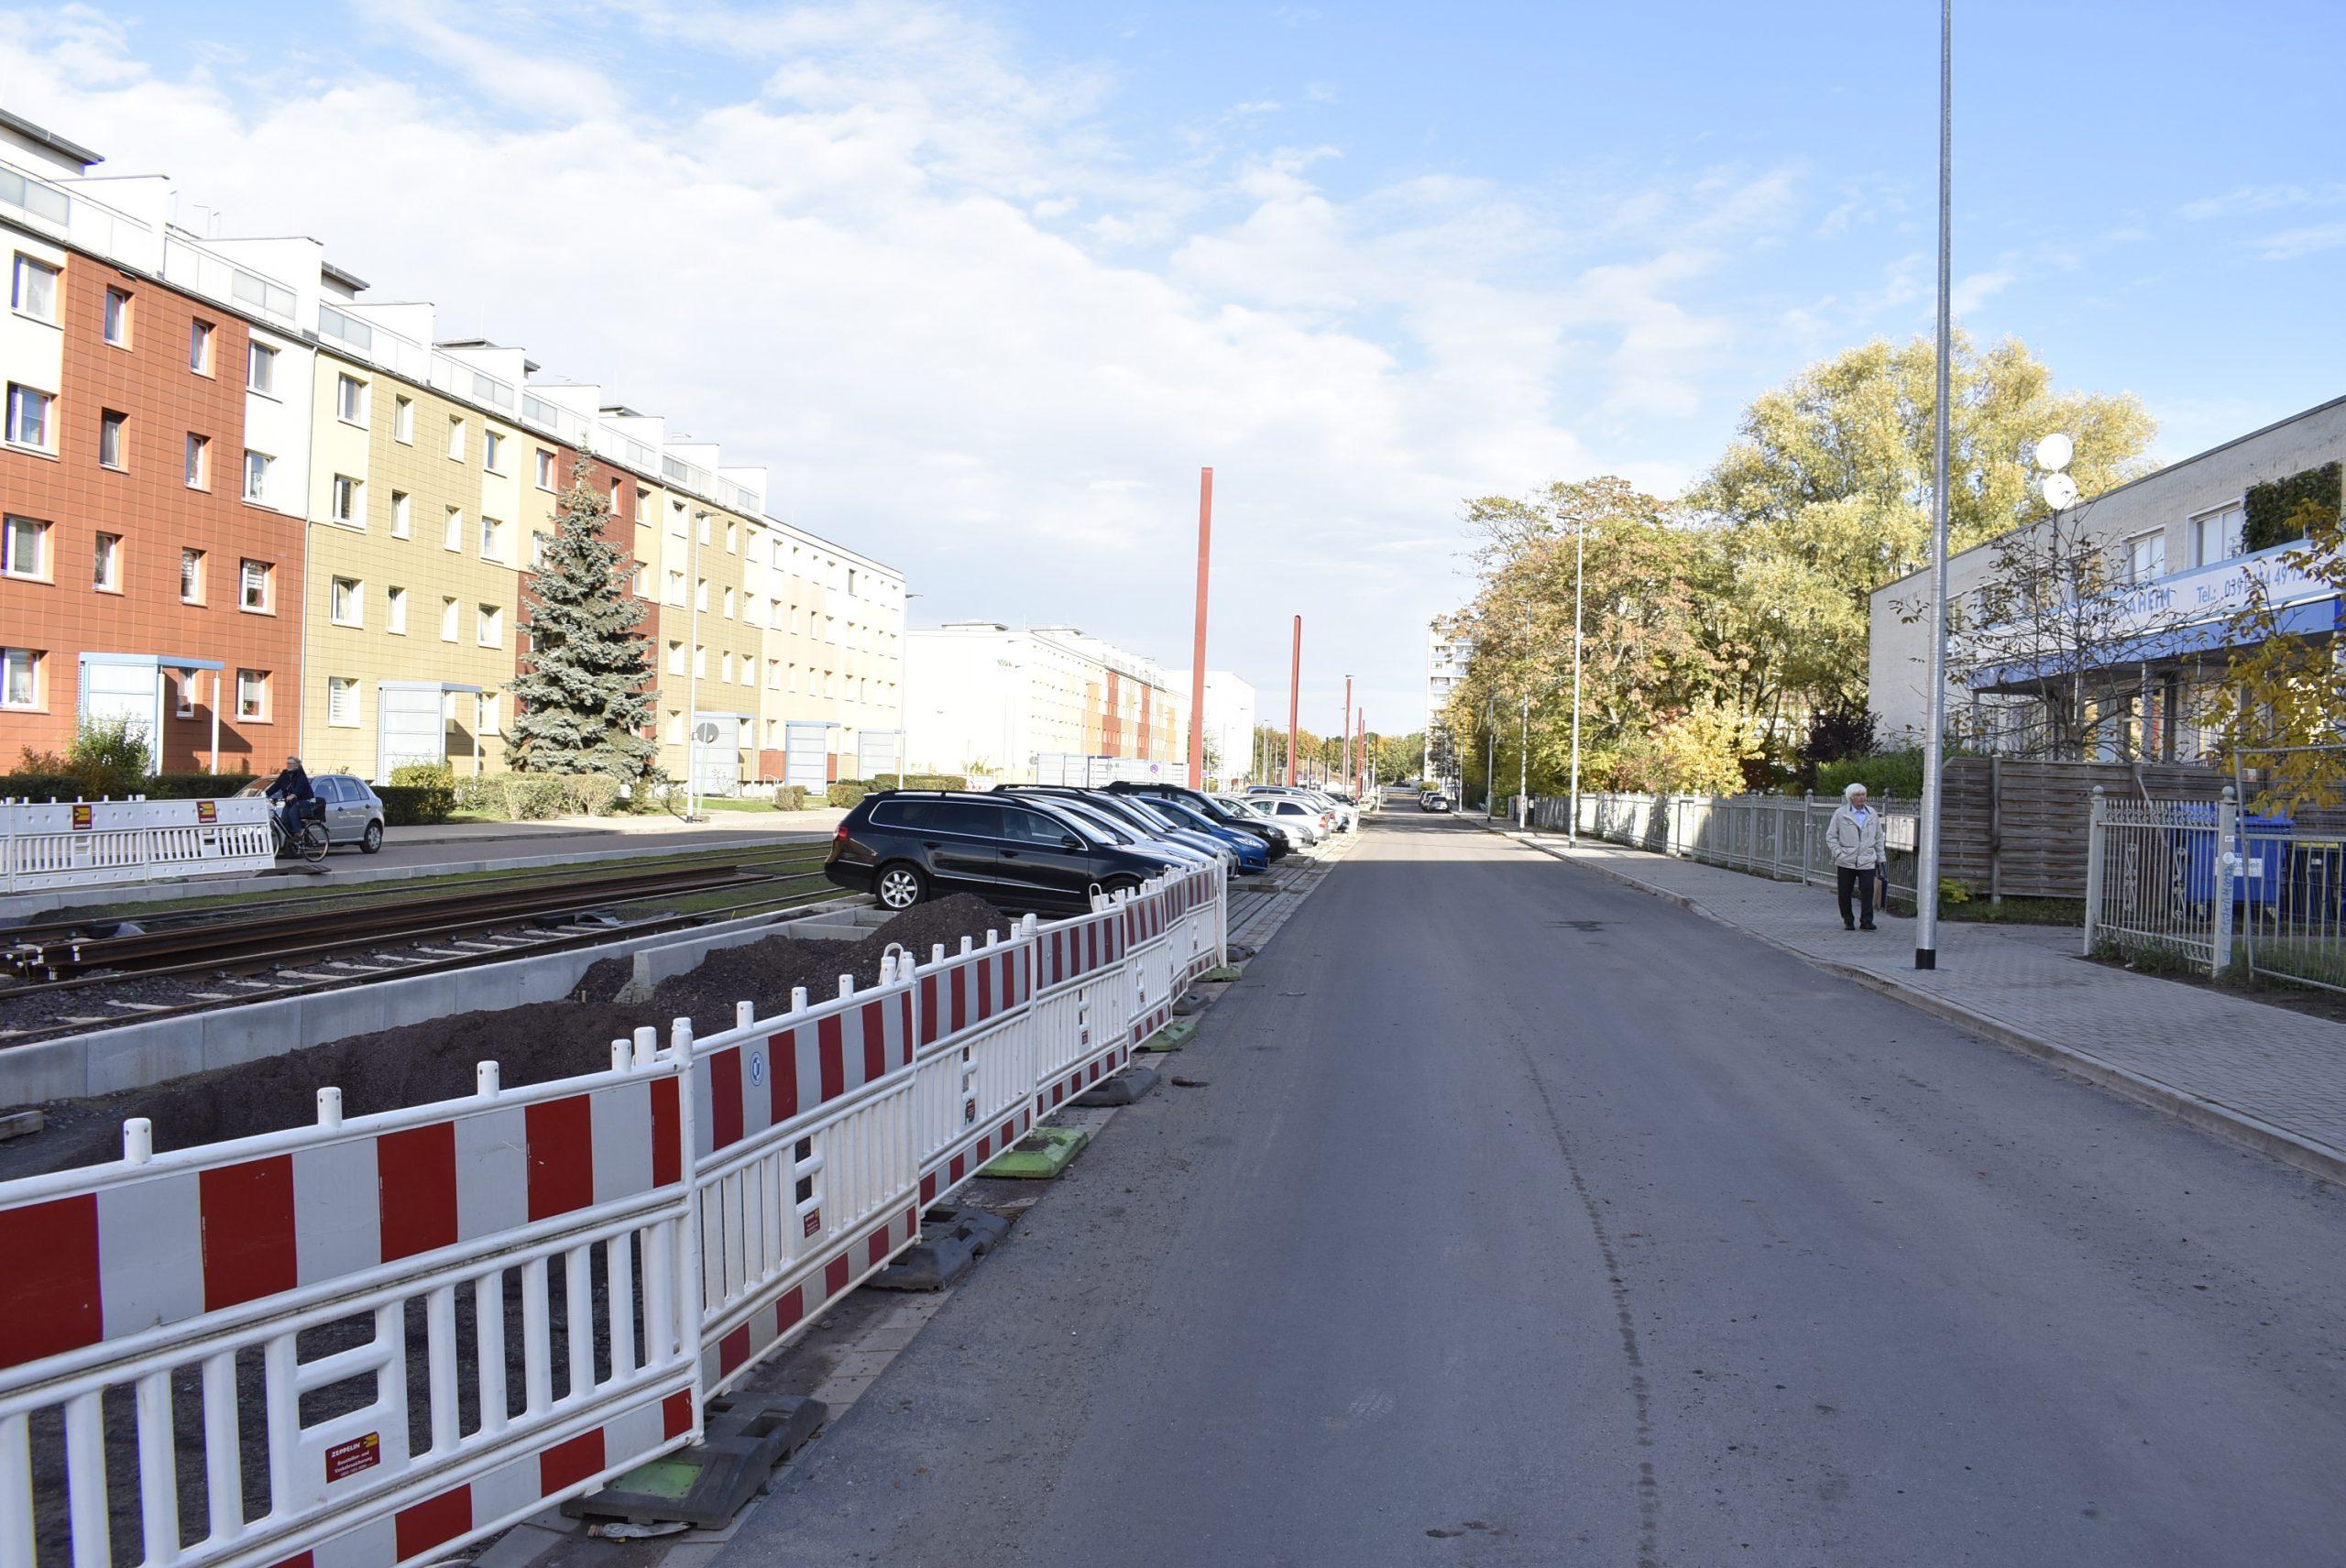 Neue Apshaltdecke und neue Fußwege und Parkplätze für Parallelstraße.